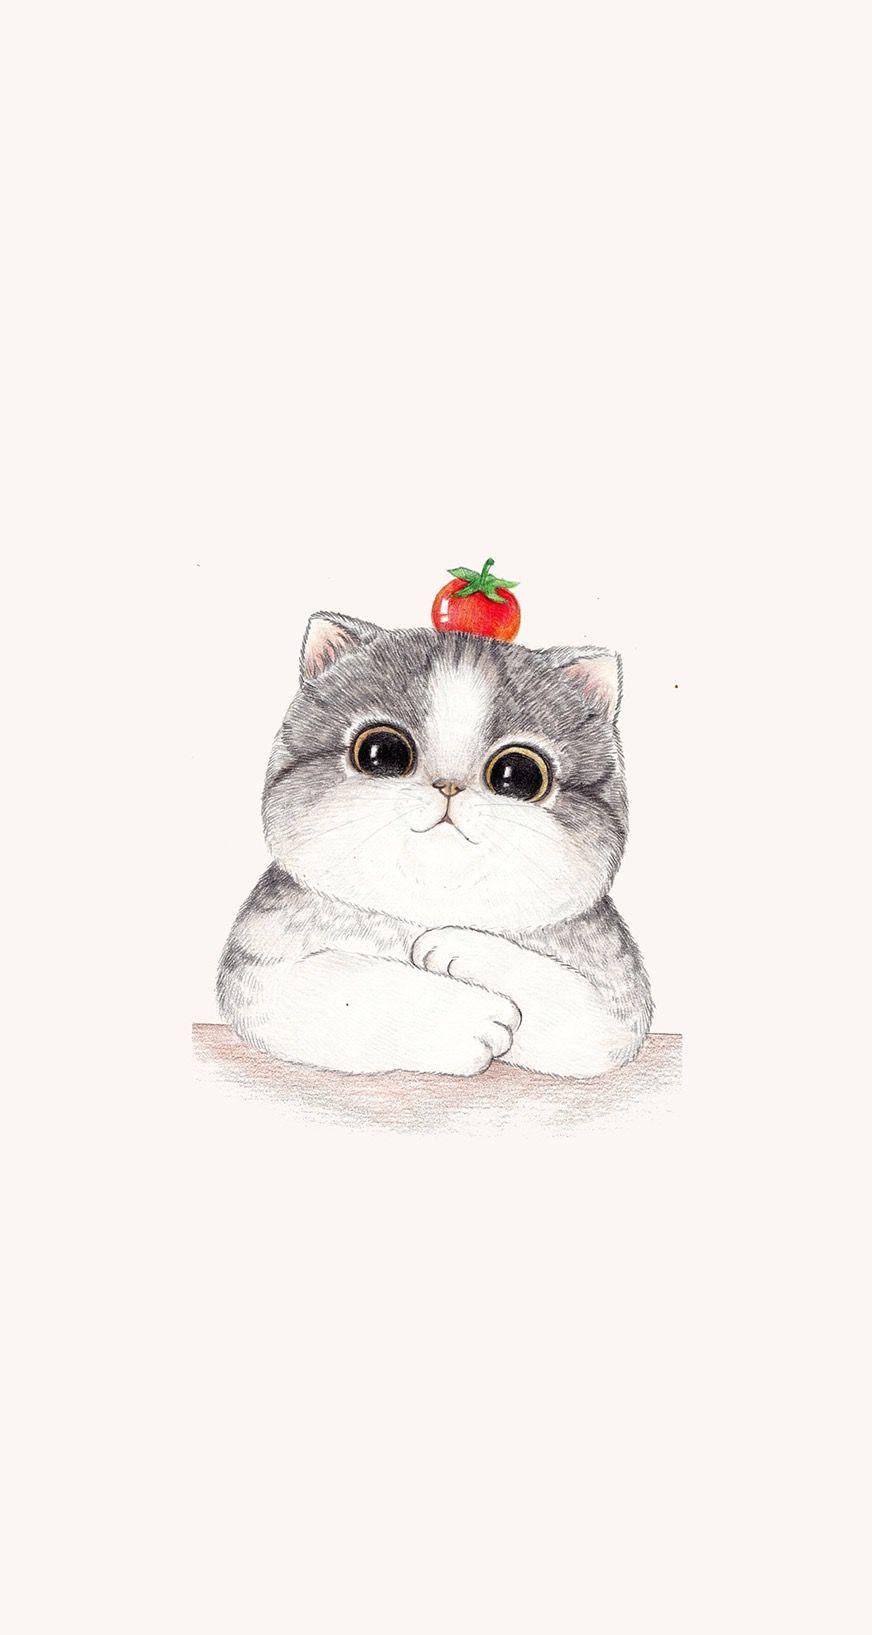 Download 88 Koleksi Wallpaper Animasi Cat HD Gratid